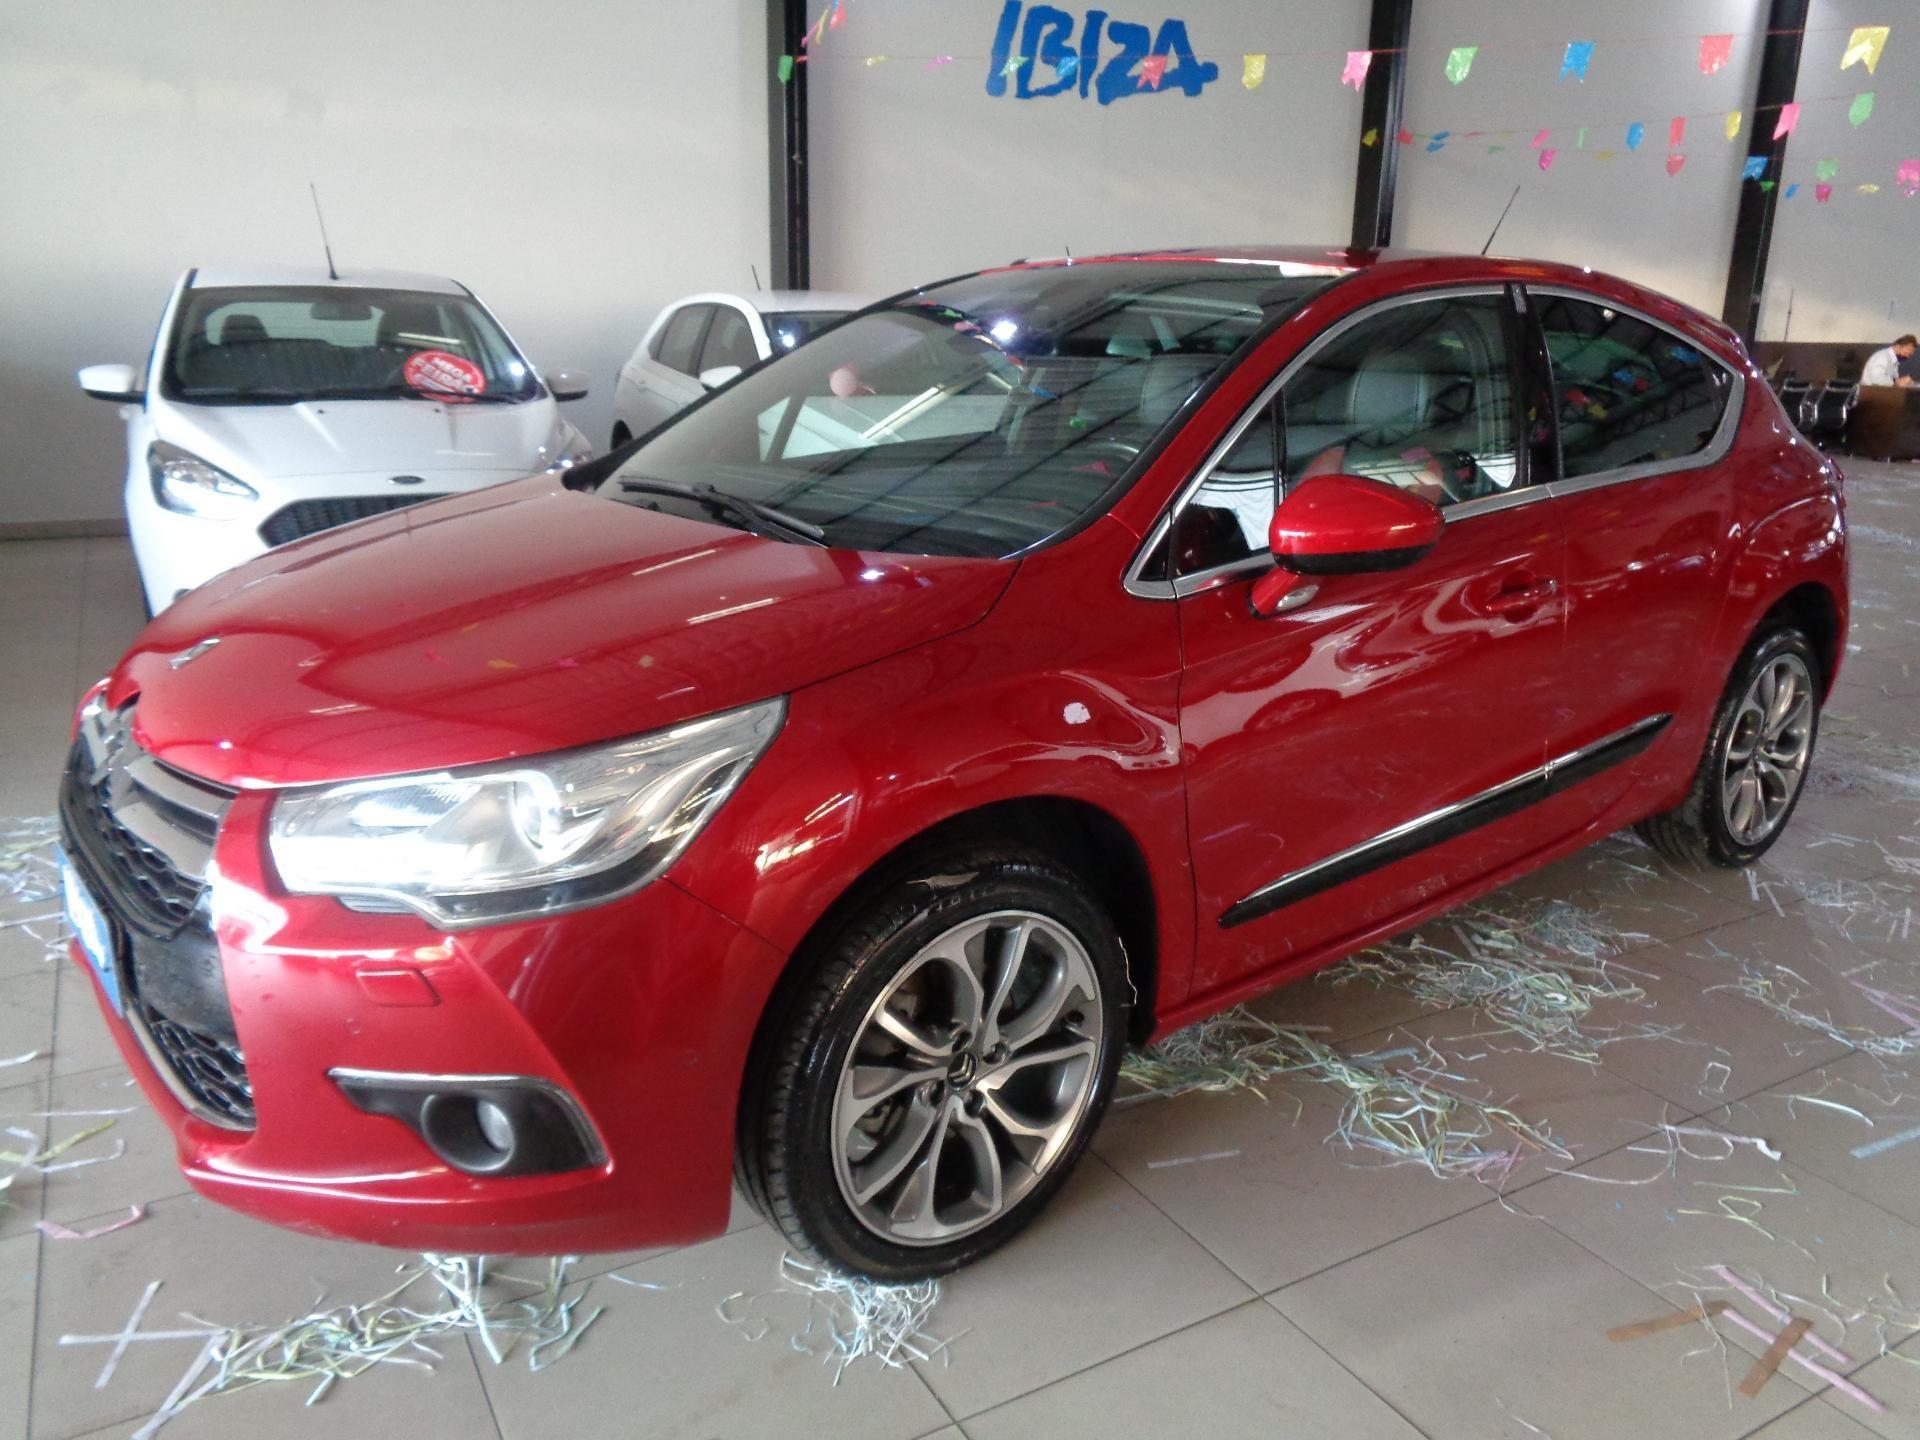 //www.autoline.com.br/carro/citroen/ds4-16-165-16v-gasolina-4p-turbo-automatico/2013/patos-de-minas-mg/14855855